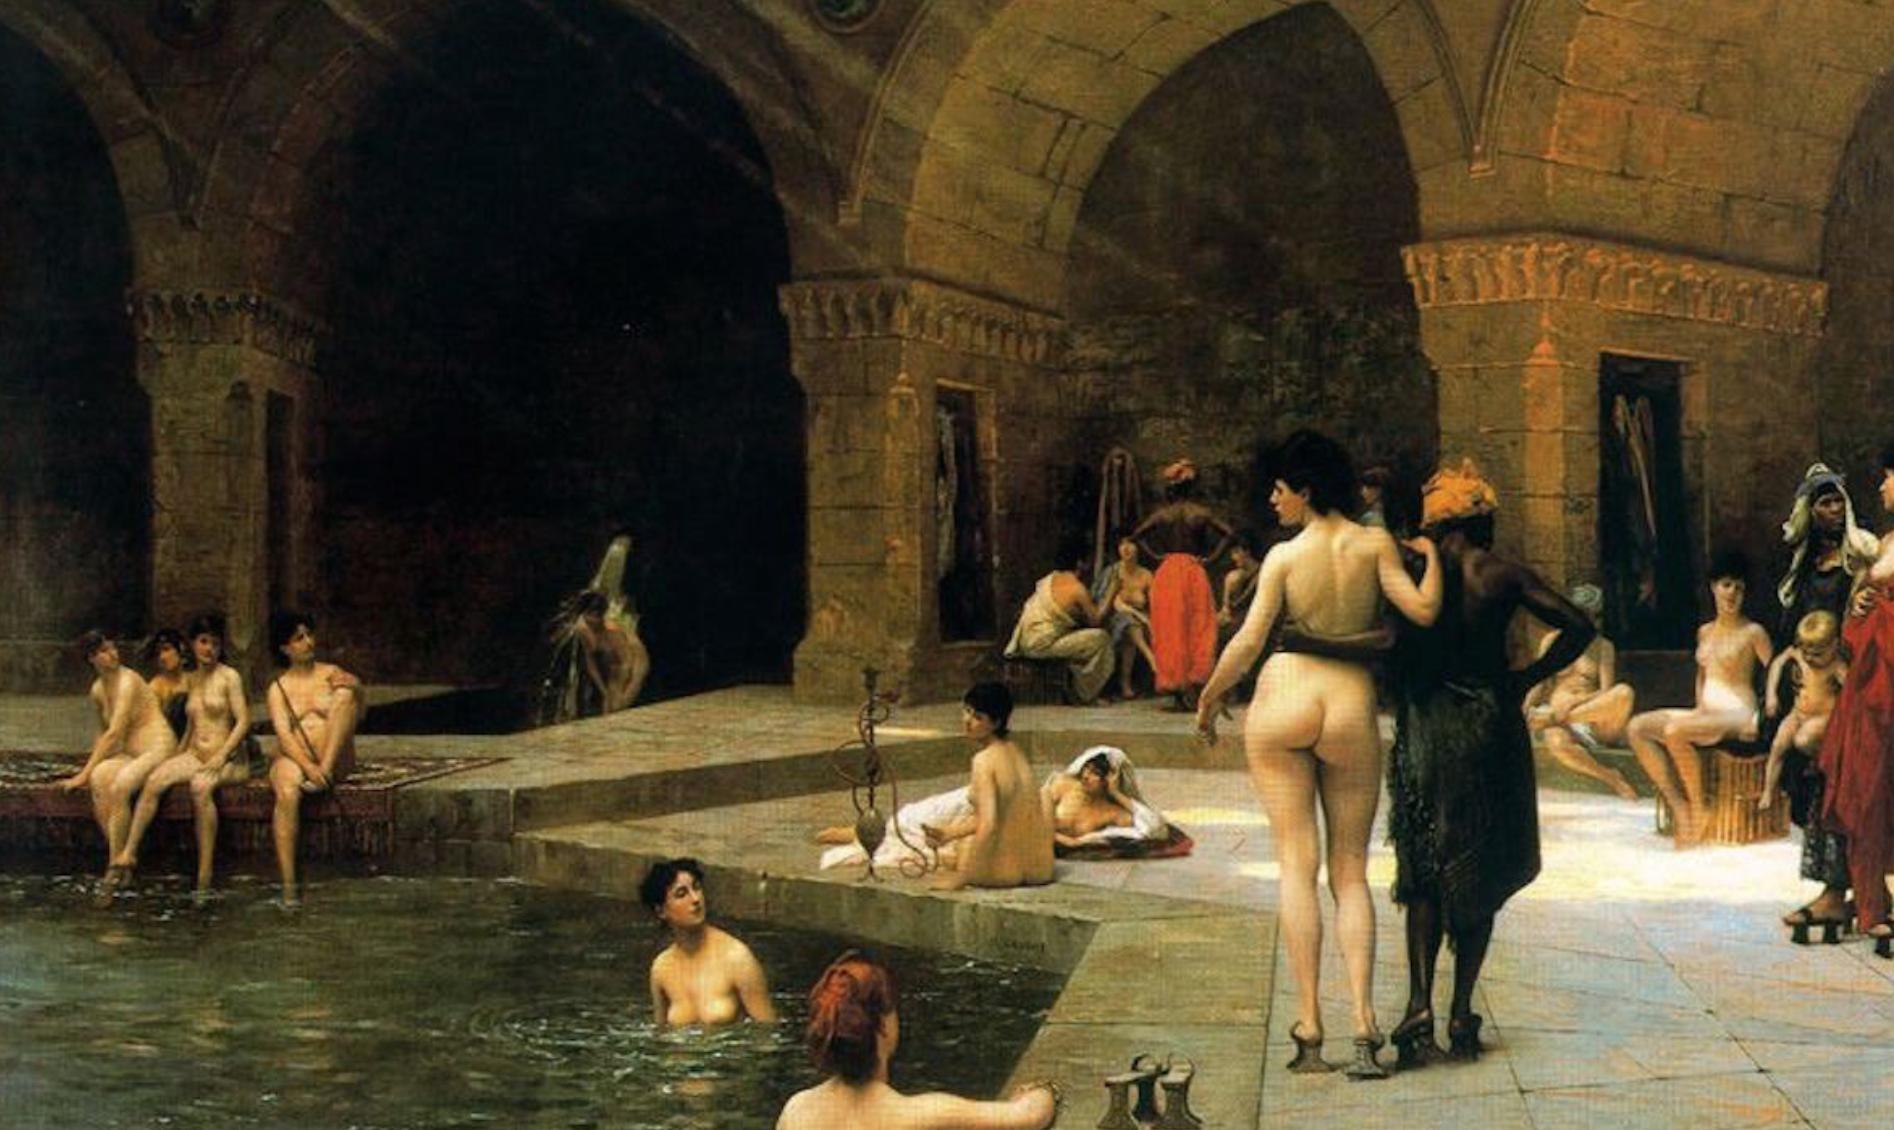 [Перевод] Приватность: рождение и смерть. 3000 лет истории приватности в картинках